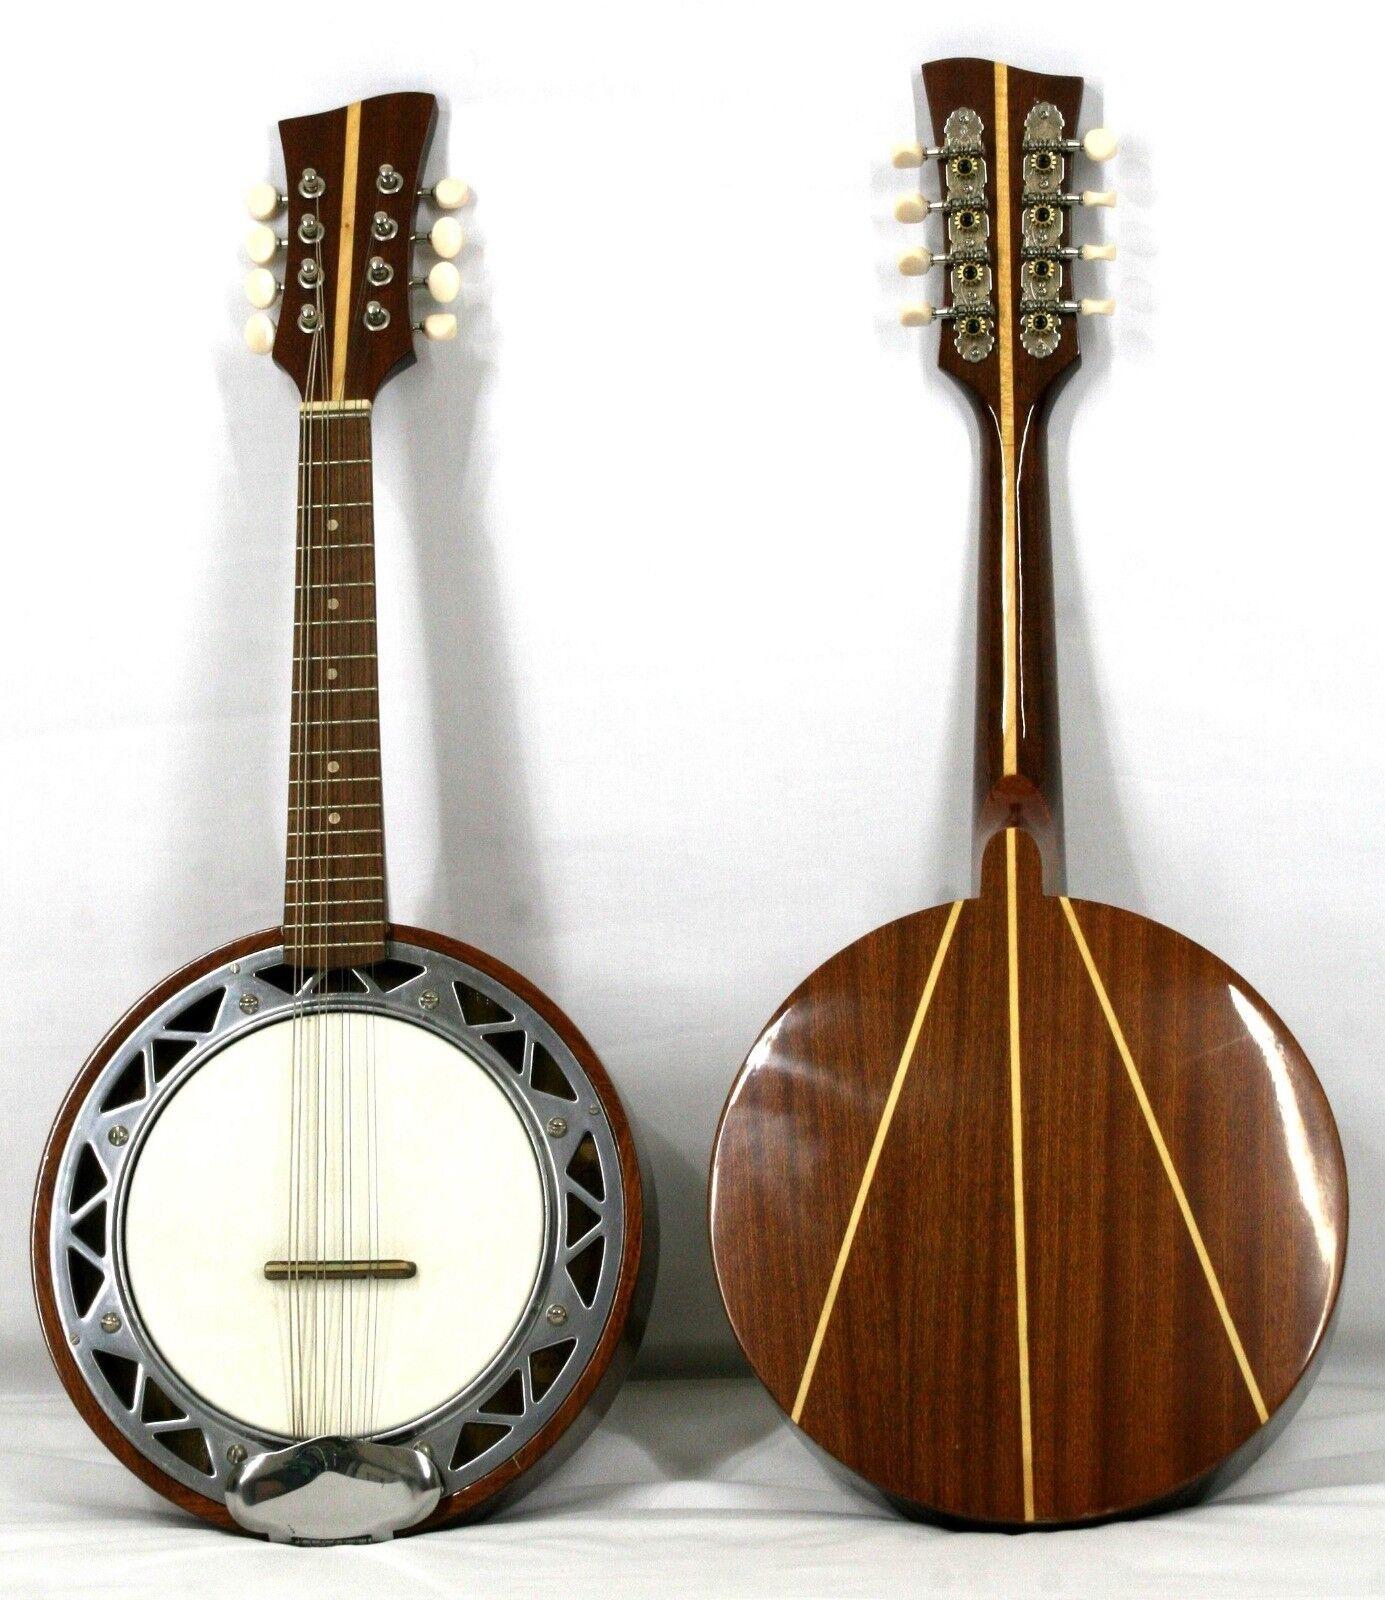 Musikalia Banjo Mandolino, con cassa in alluminio, fondo in mogano con intarsi